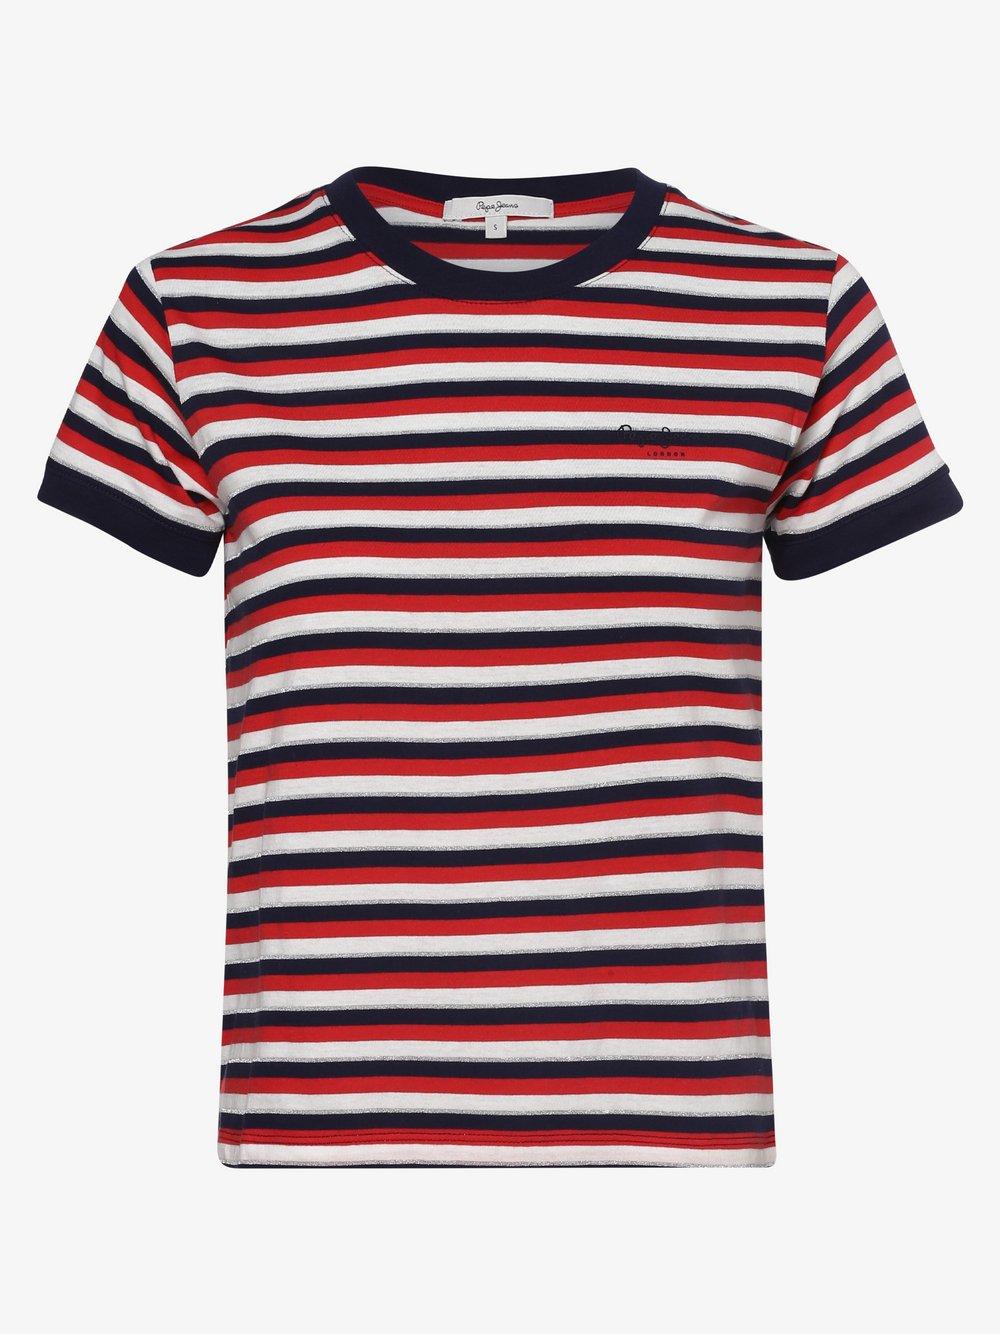 Pepe Jeans - T-shirt damski – Bethany, czerwony